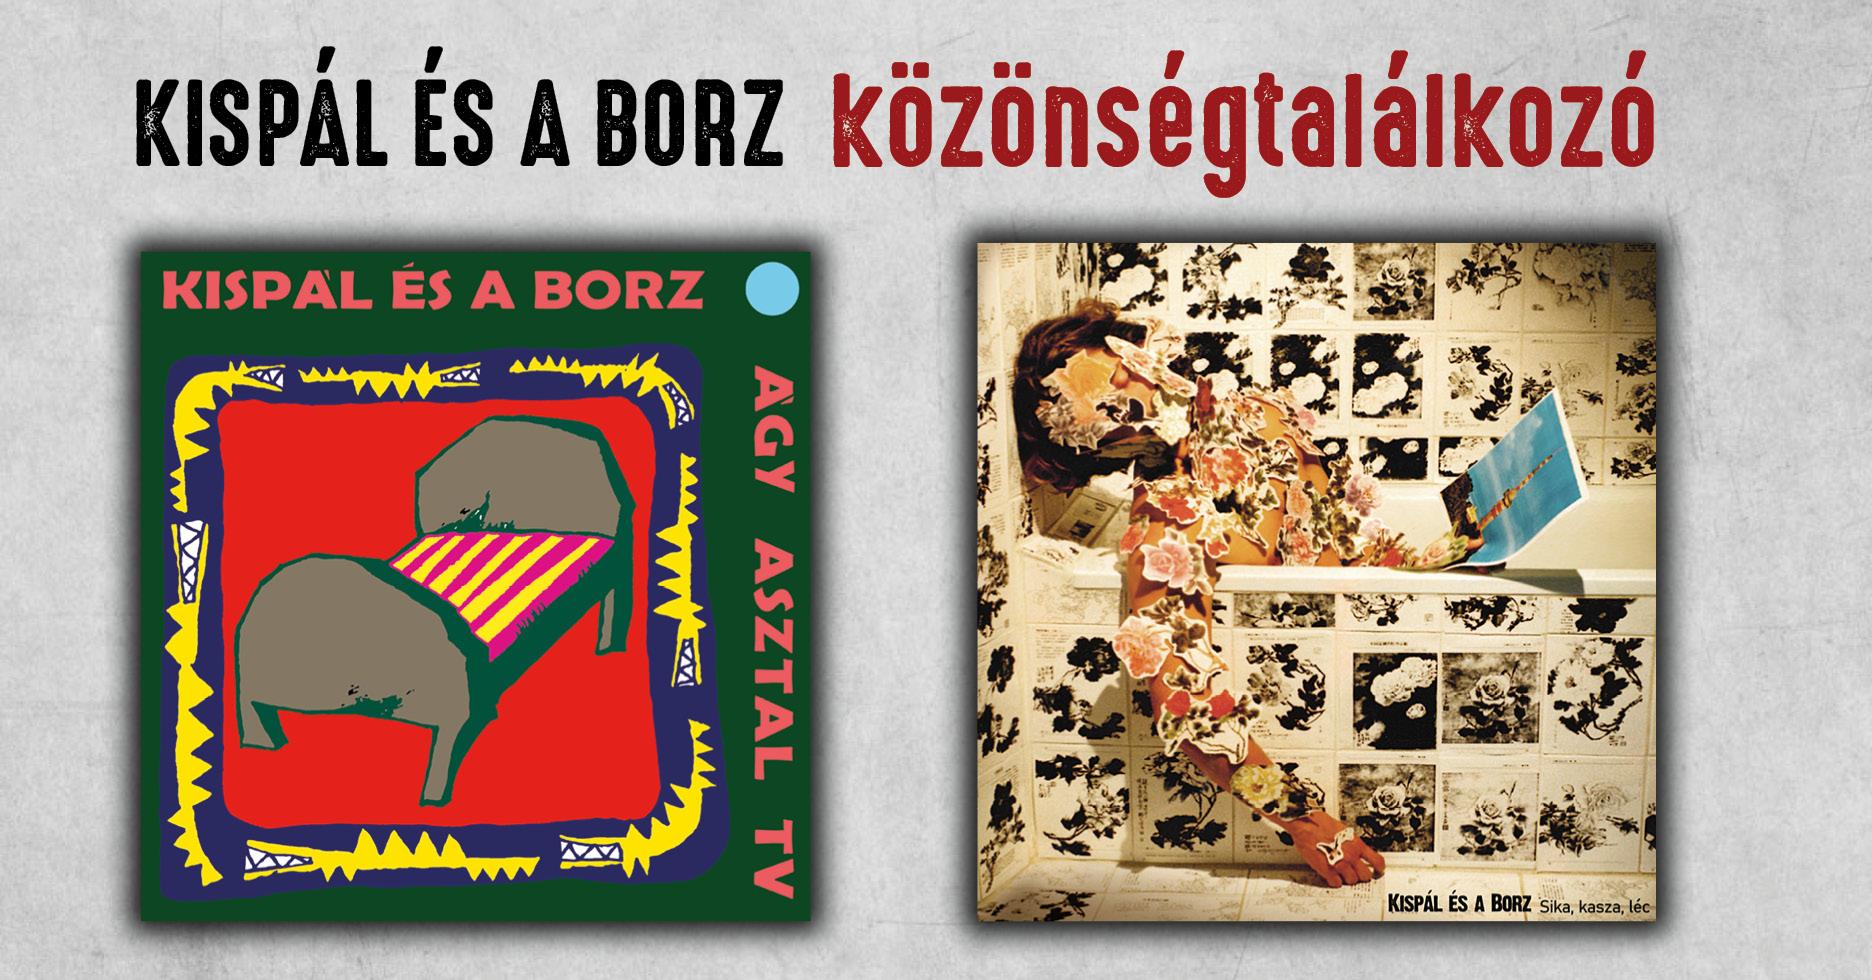 Kispál és a Borz vinyl-megjelenés (közönségtalálkozó és lemezhallgató)